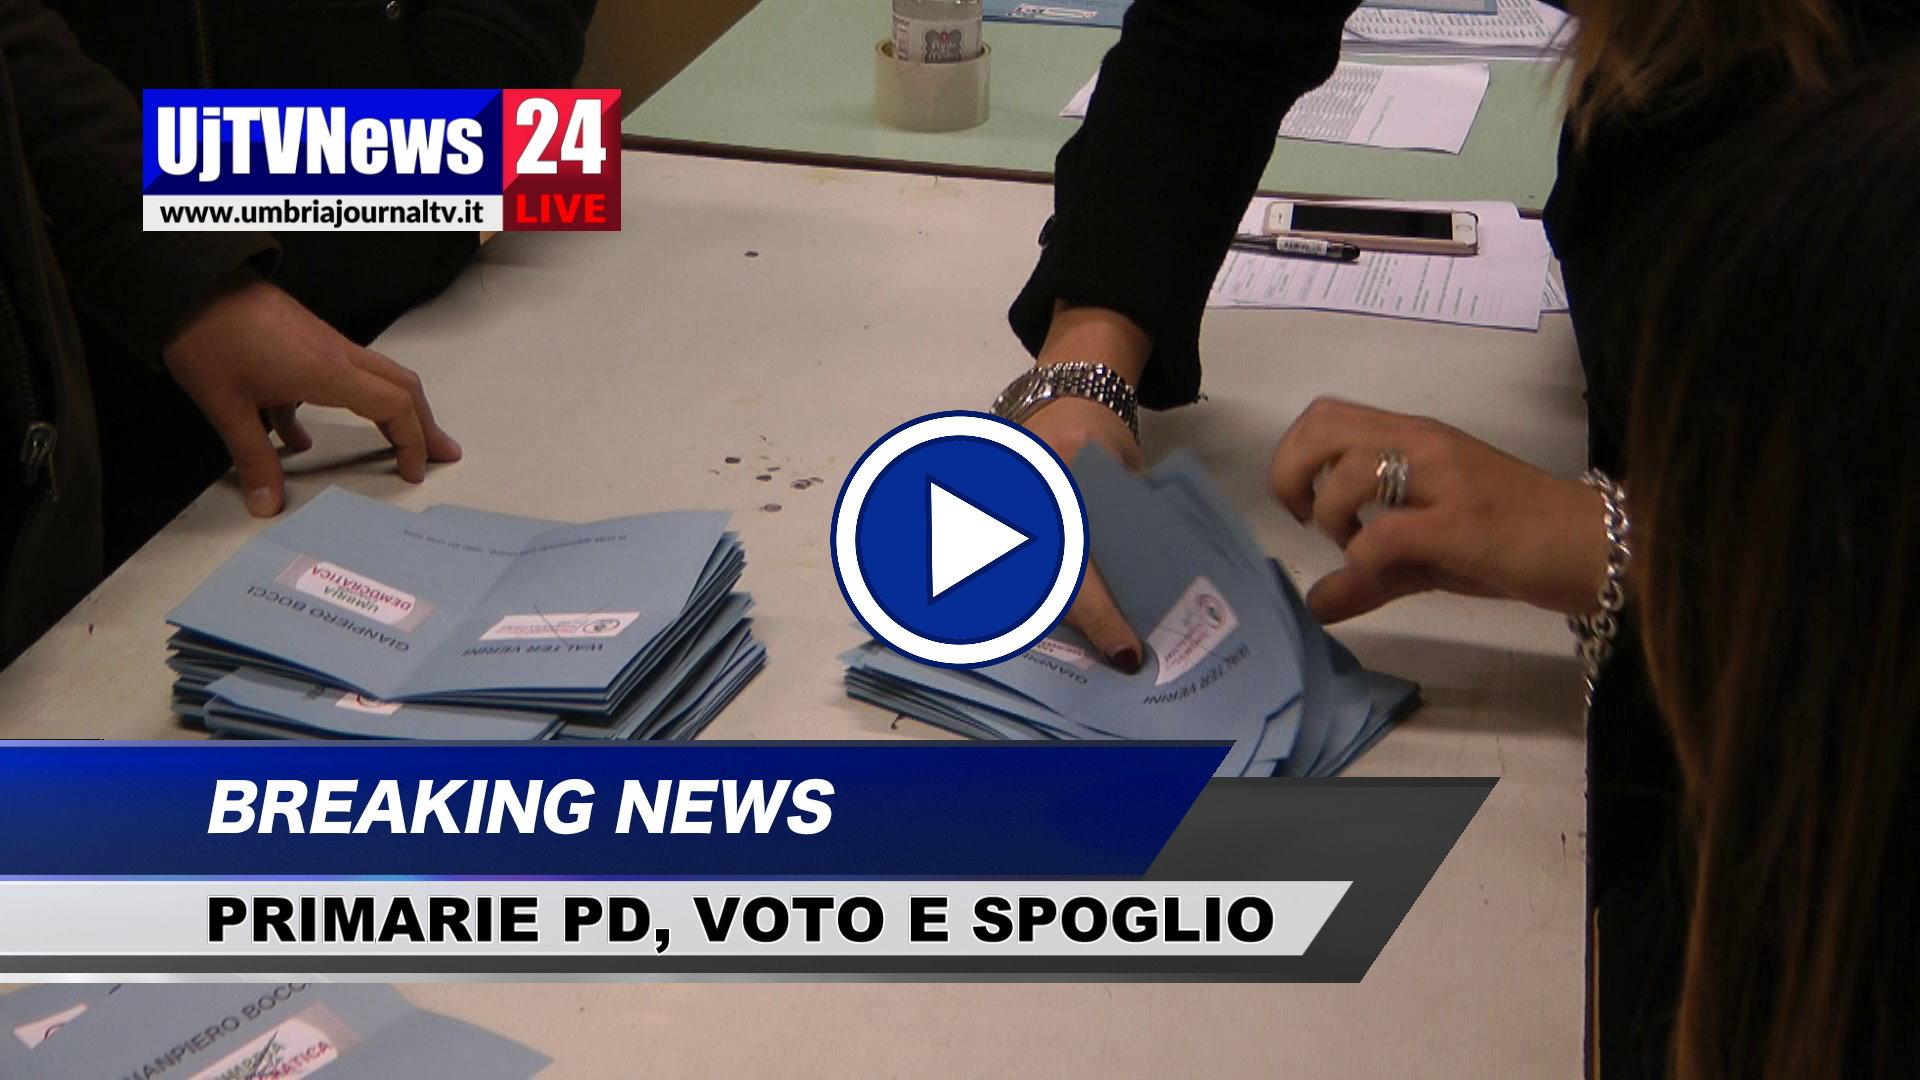 Primarie Pd Umbria, chiusi tutti i seggi, video dello spoglio